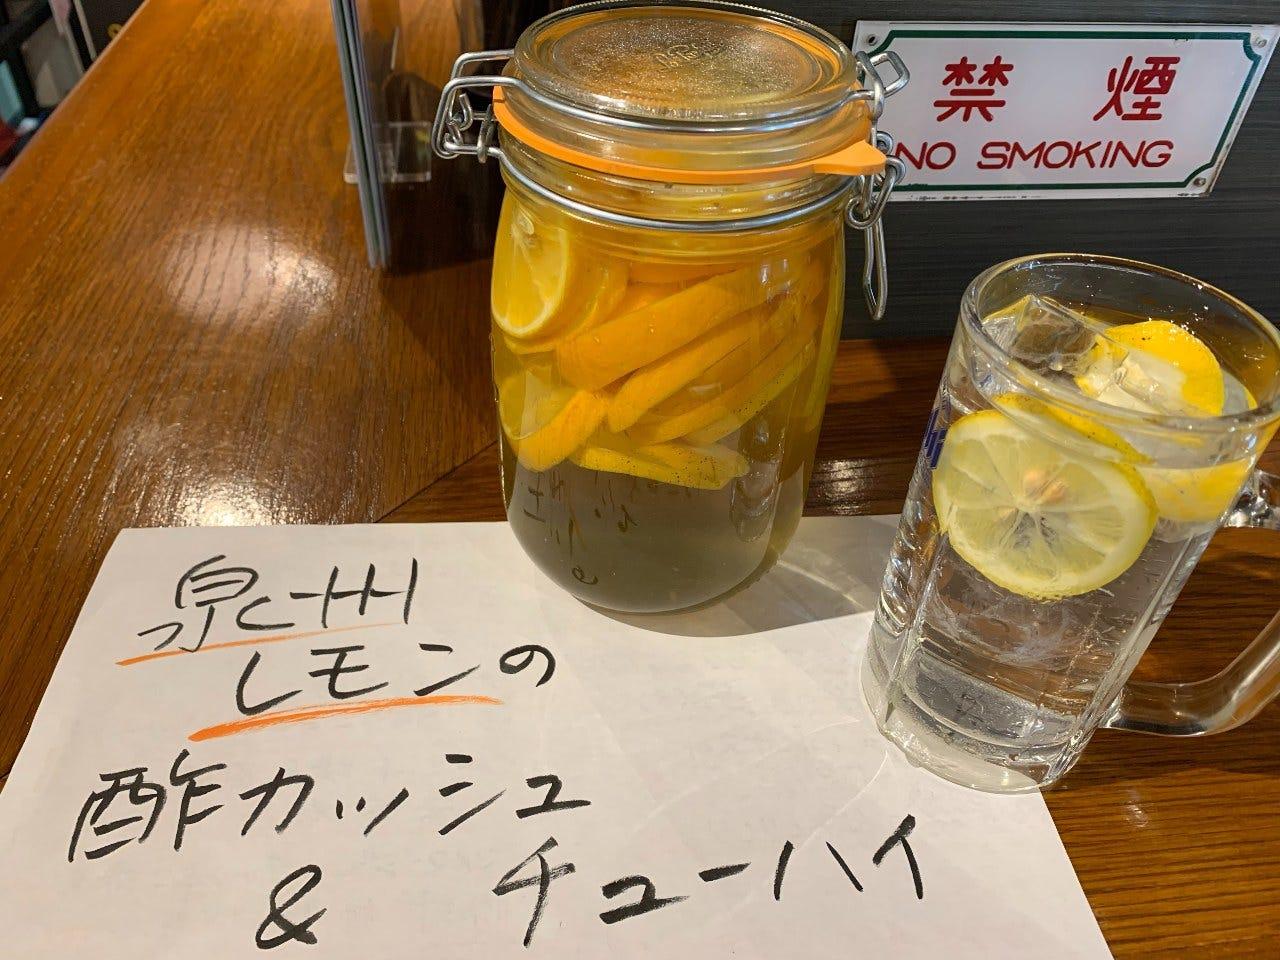 泉佐野店名物『酢カッシュ&チューハイ』